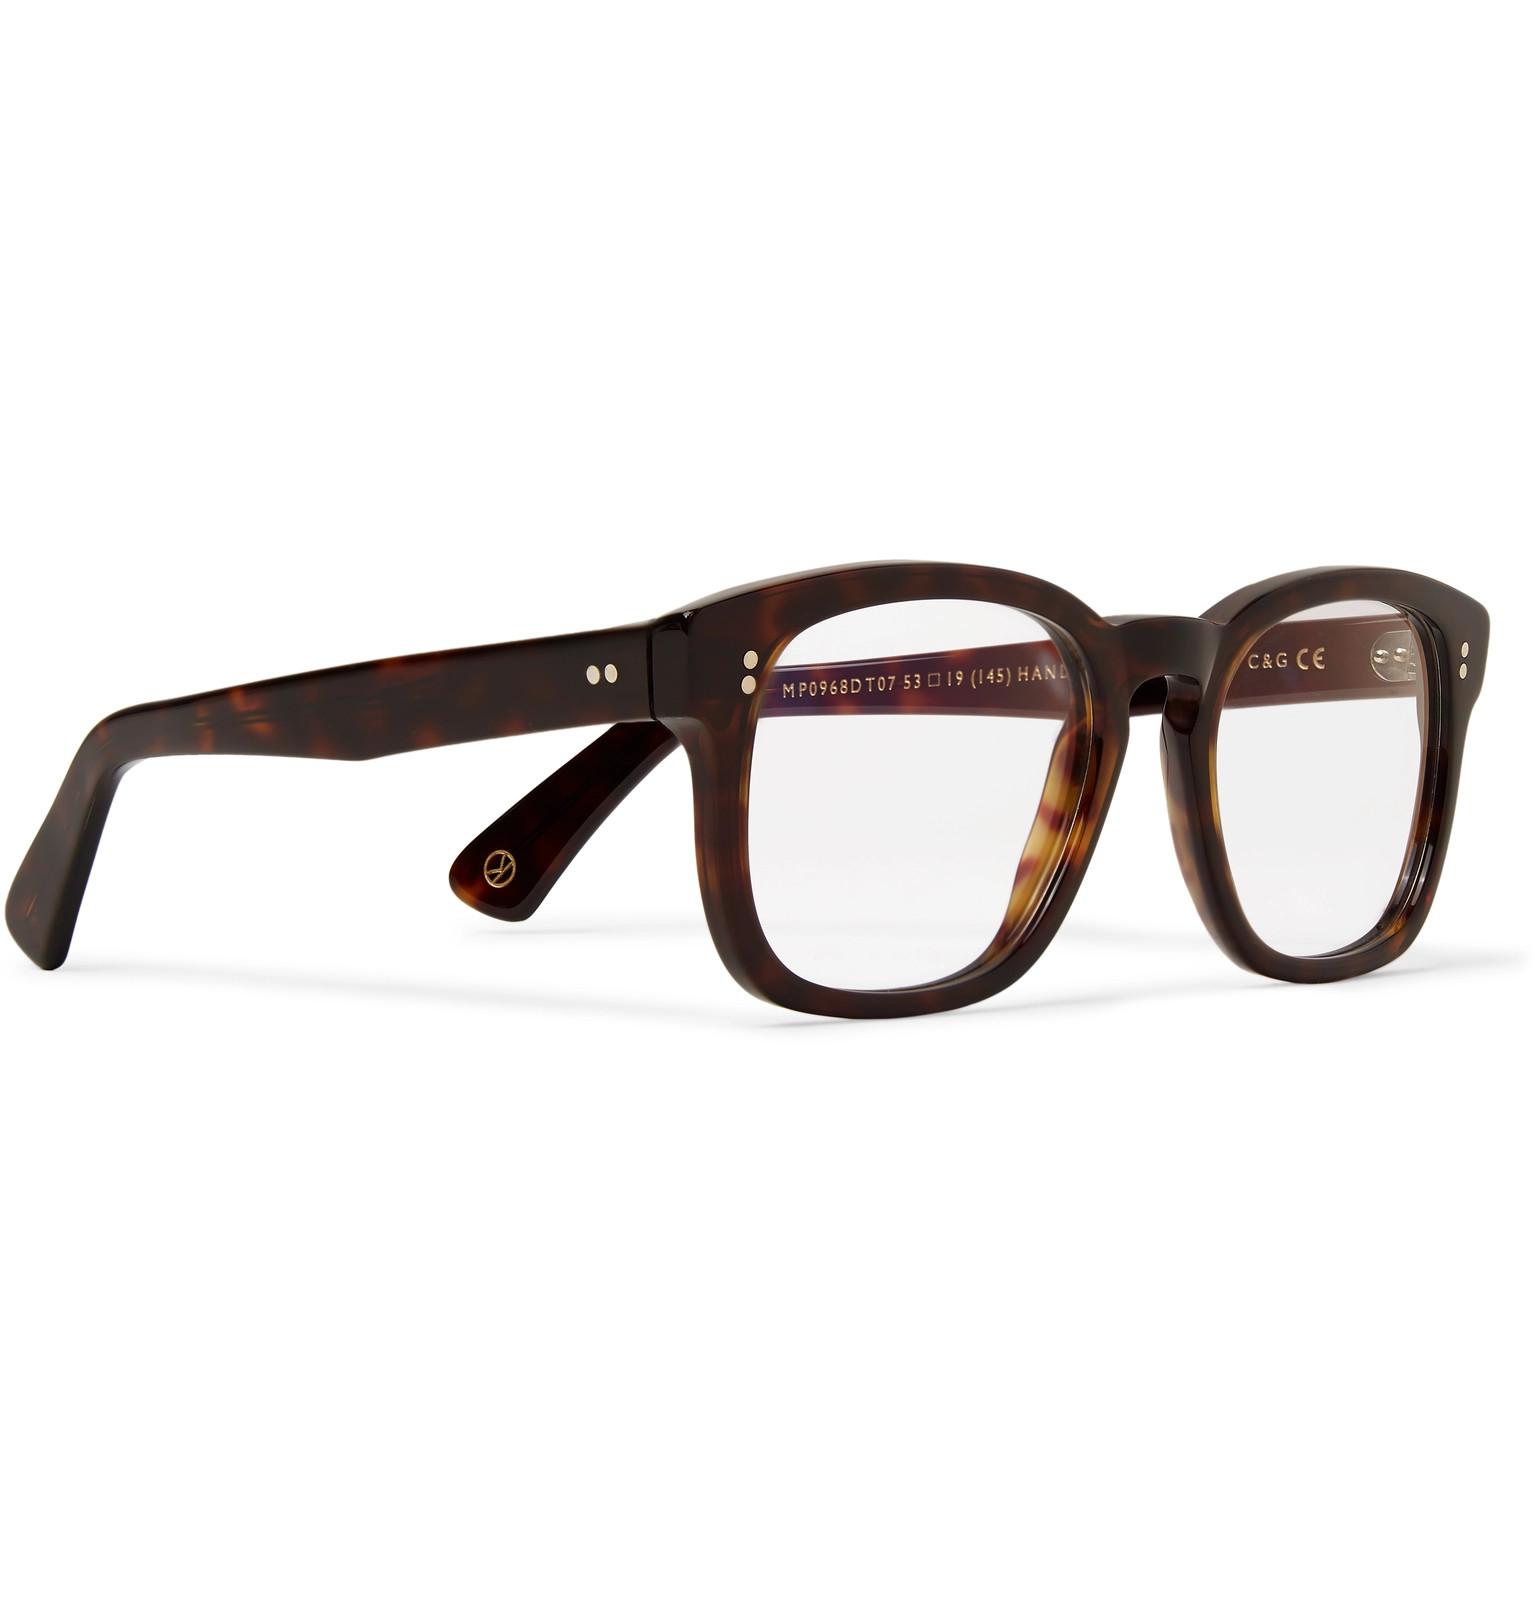 e67e54cd81 Kingsman+ Cutler and Gross D-Frame Tortoiseshell Acetate Optical Glasses